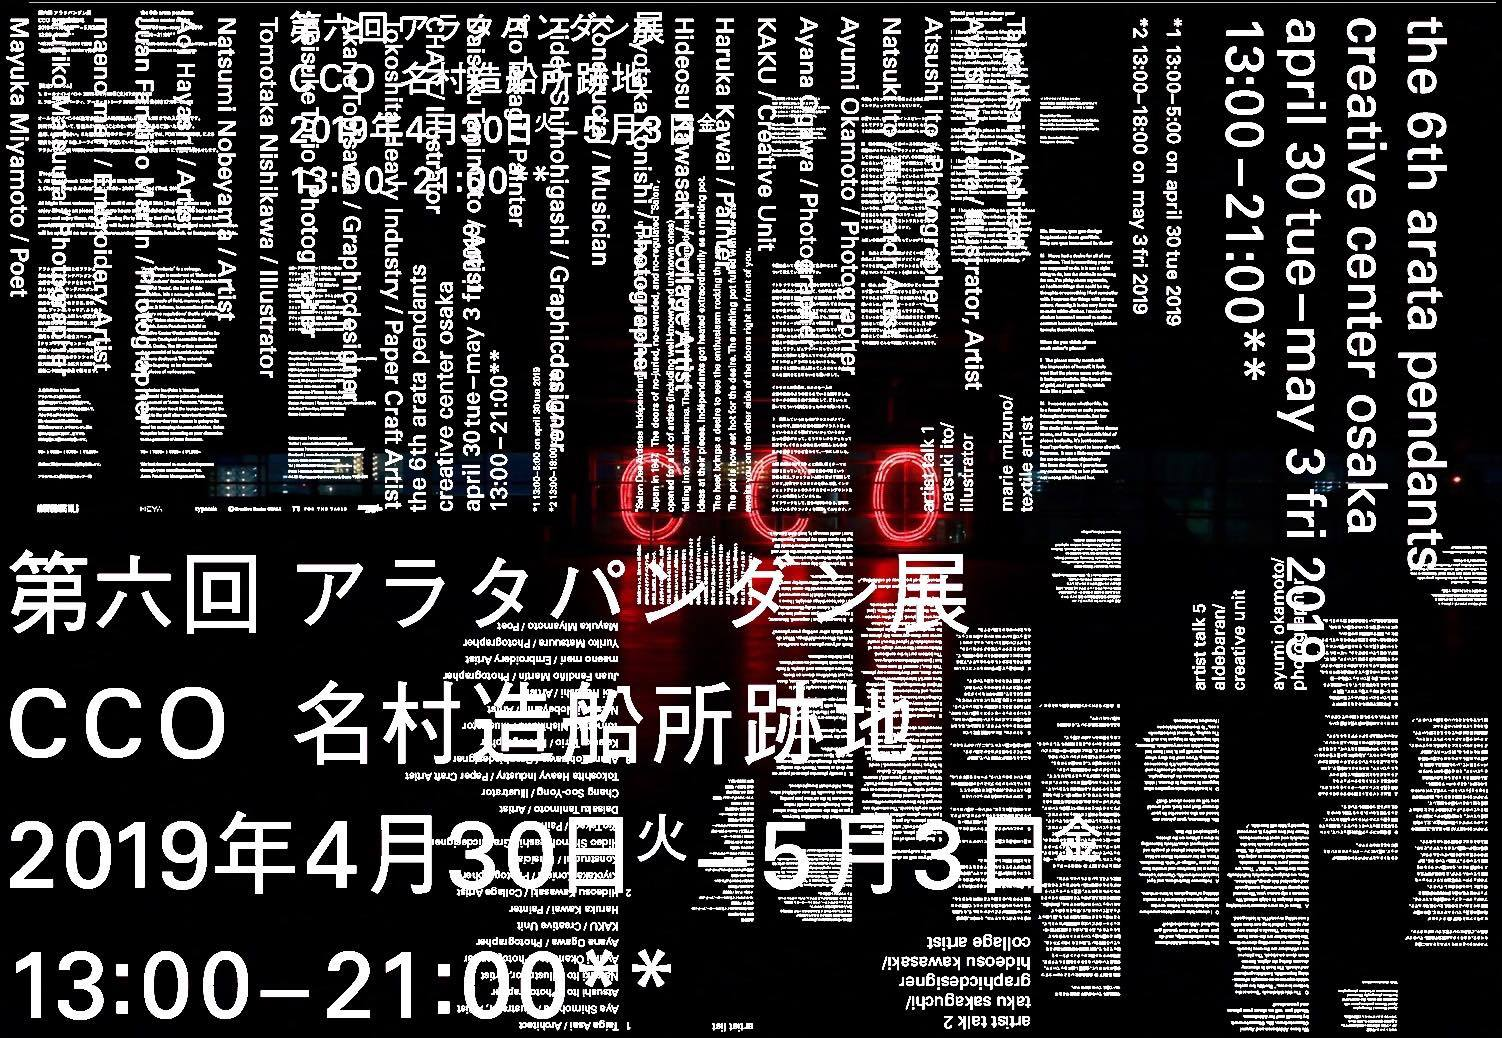 【実績紹介】第六回アラタパンダン展 /